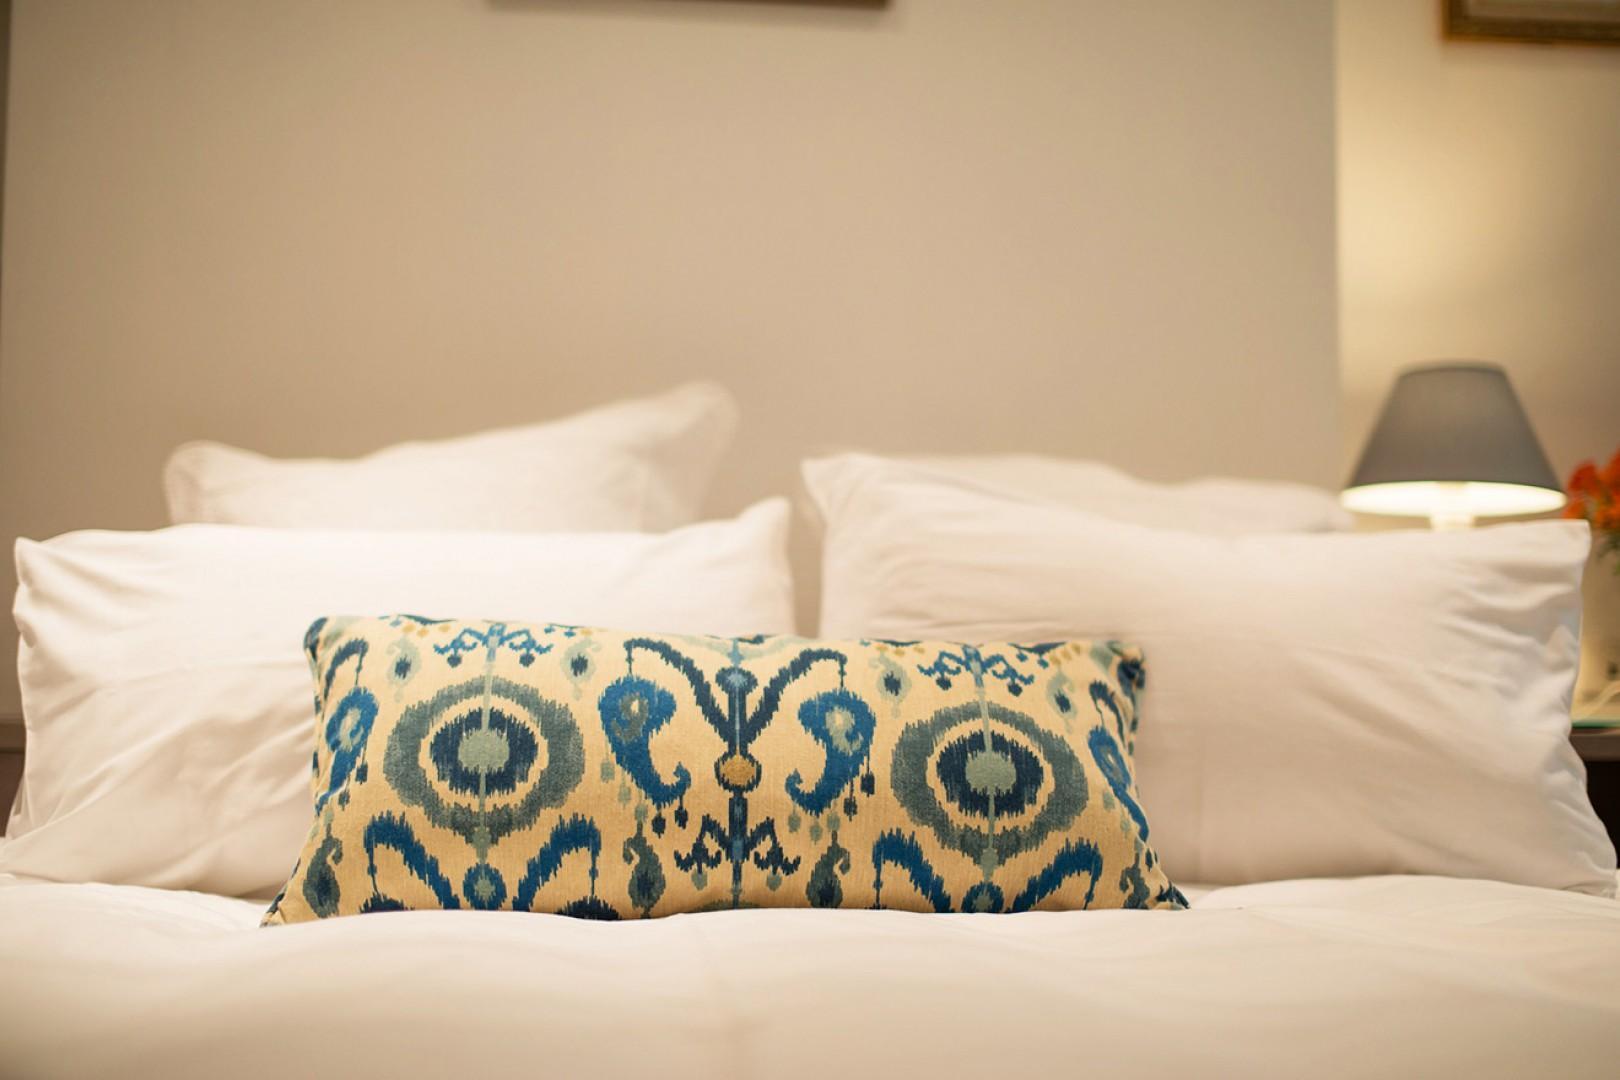 Enjoy the luxurious bedding.